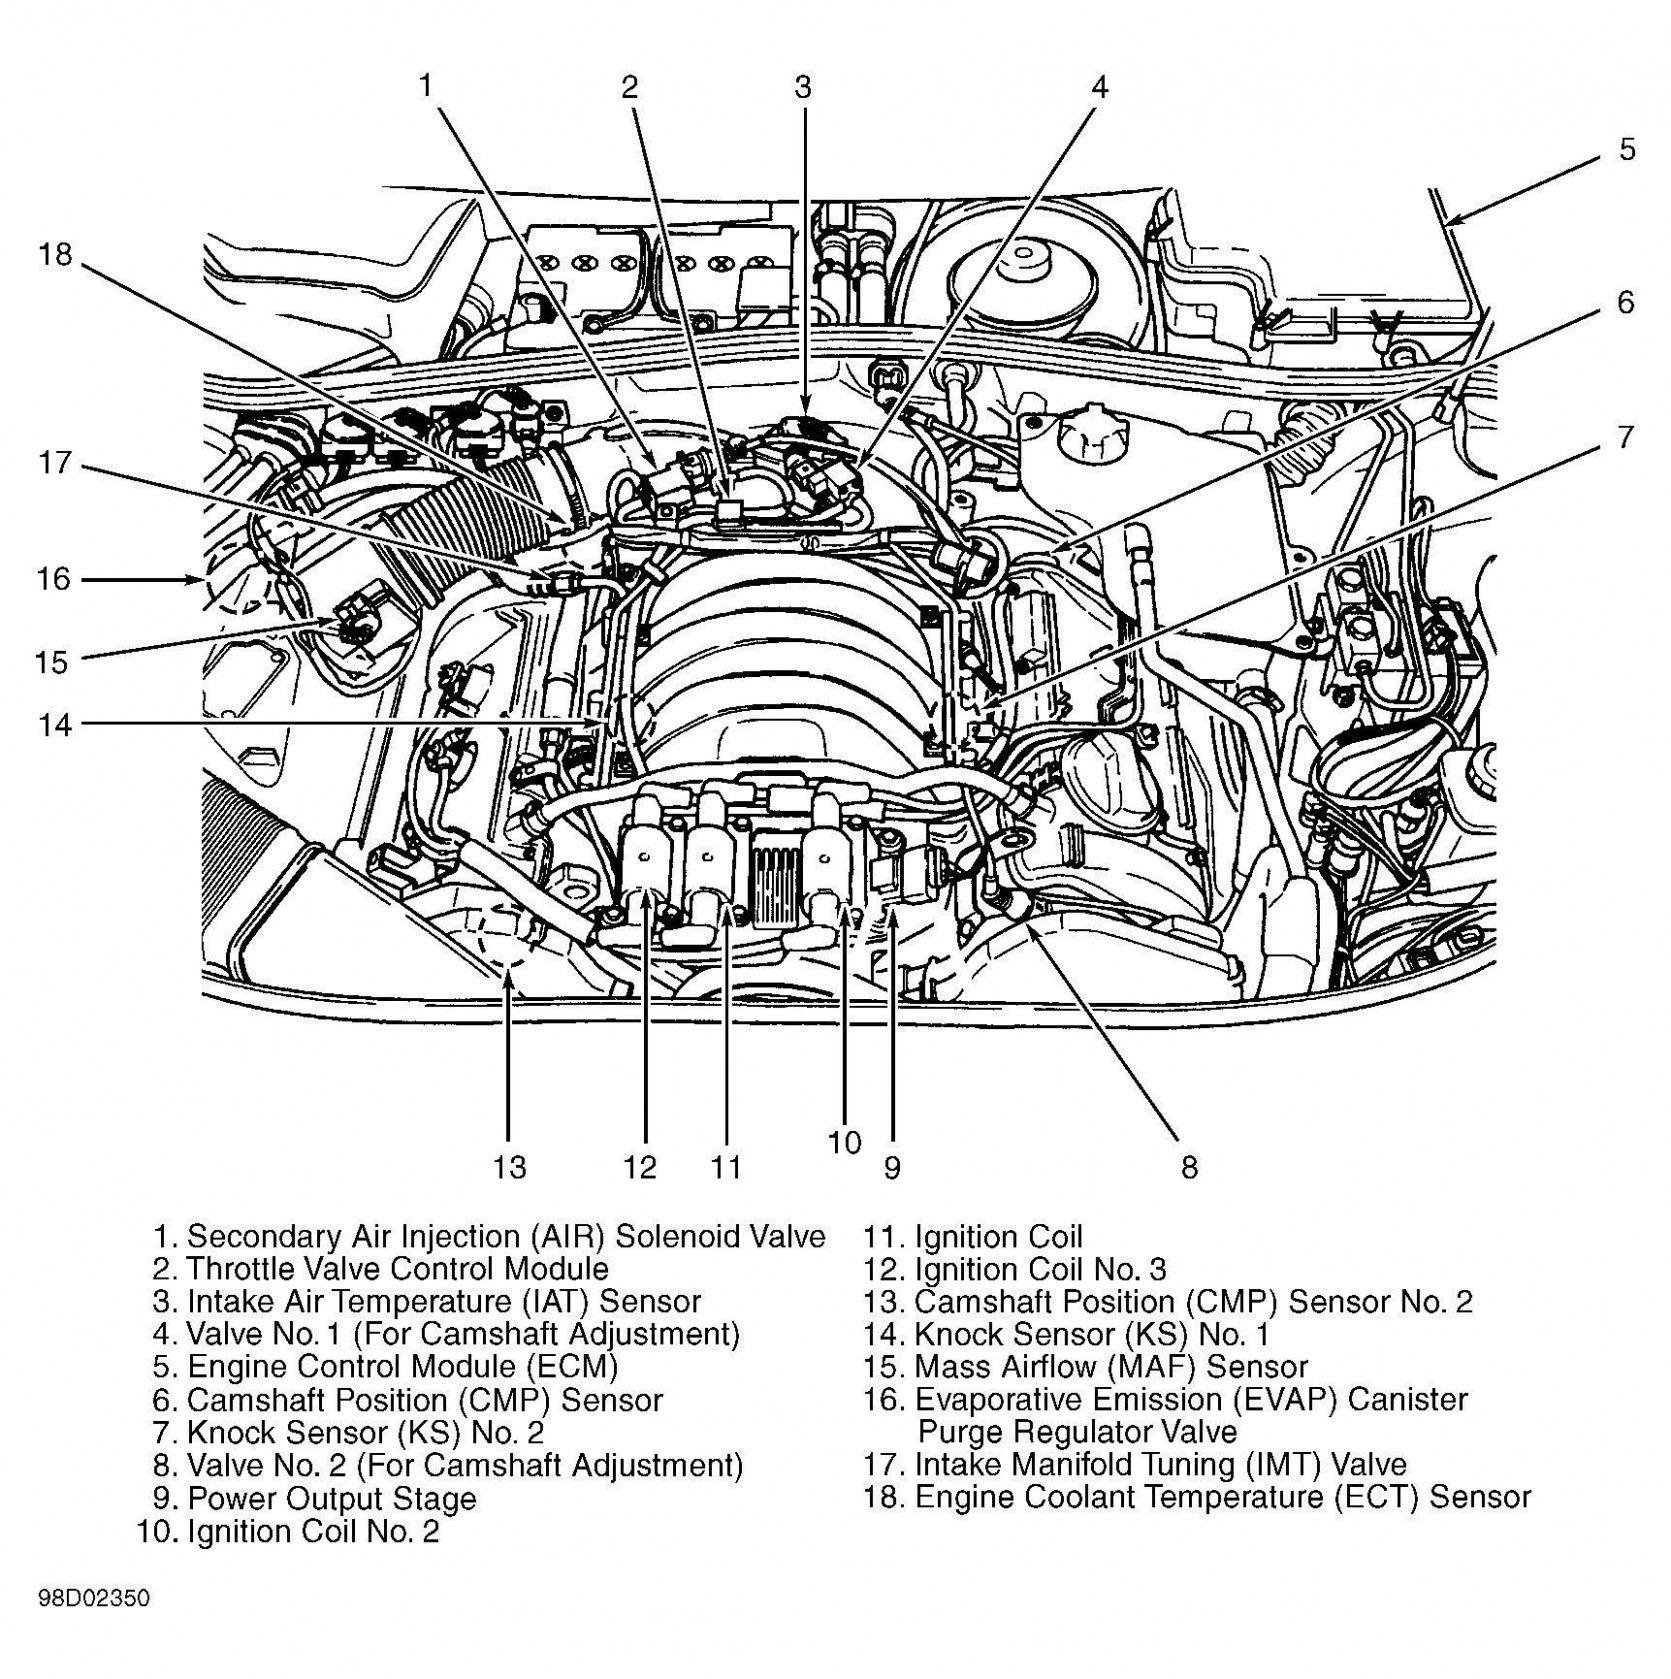 Isx Cummins Engine Diagram Not Working Isx Cummins Engine